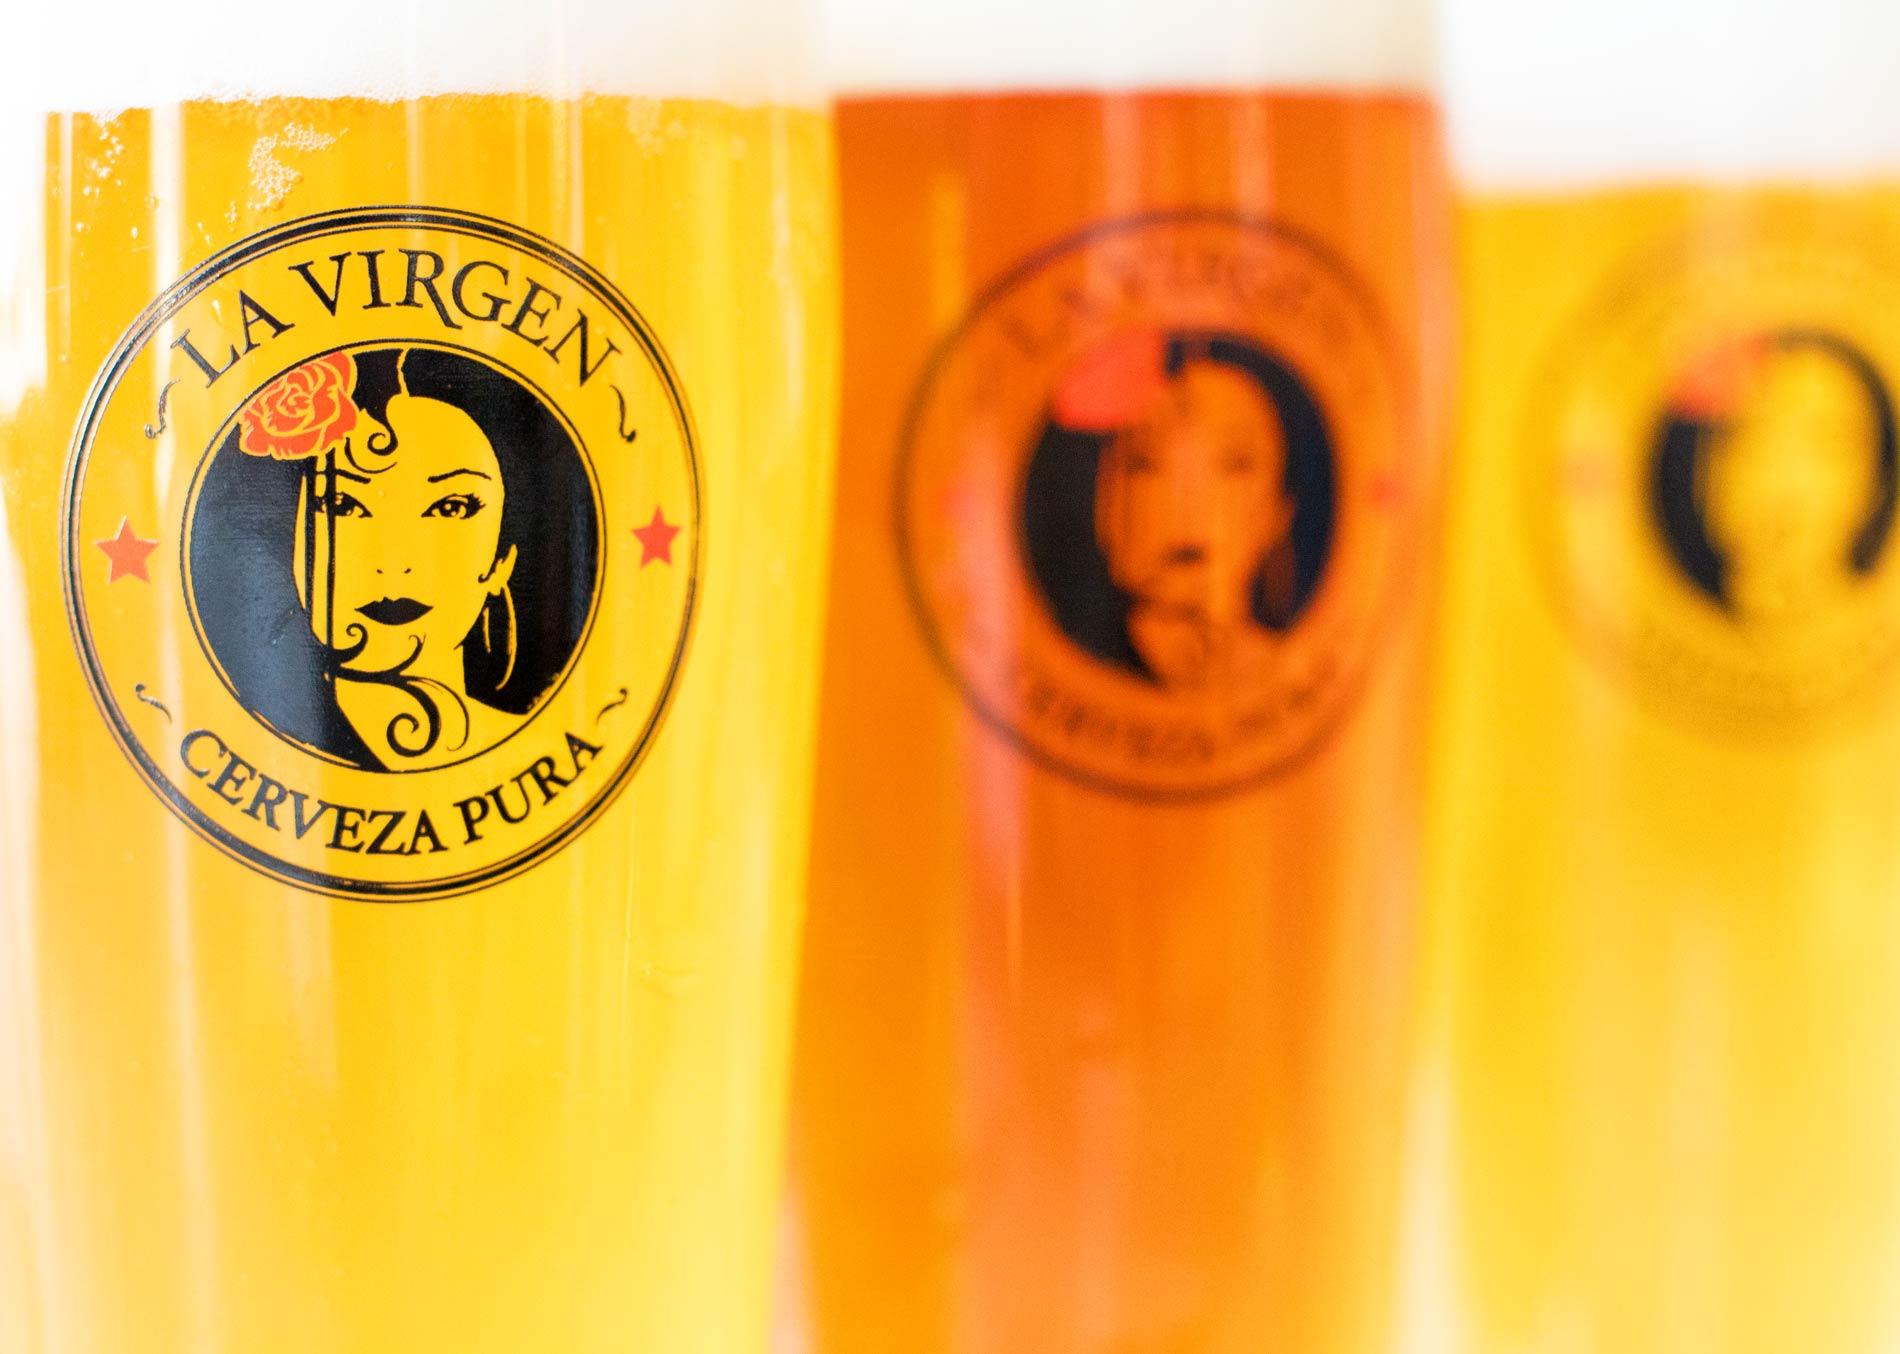 Cerveza La Virgen, visitamos su nueva fábrica en Las Rozas